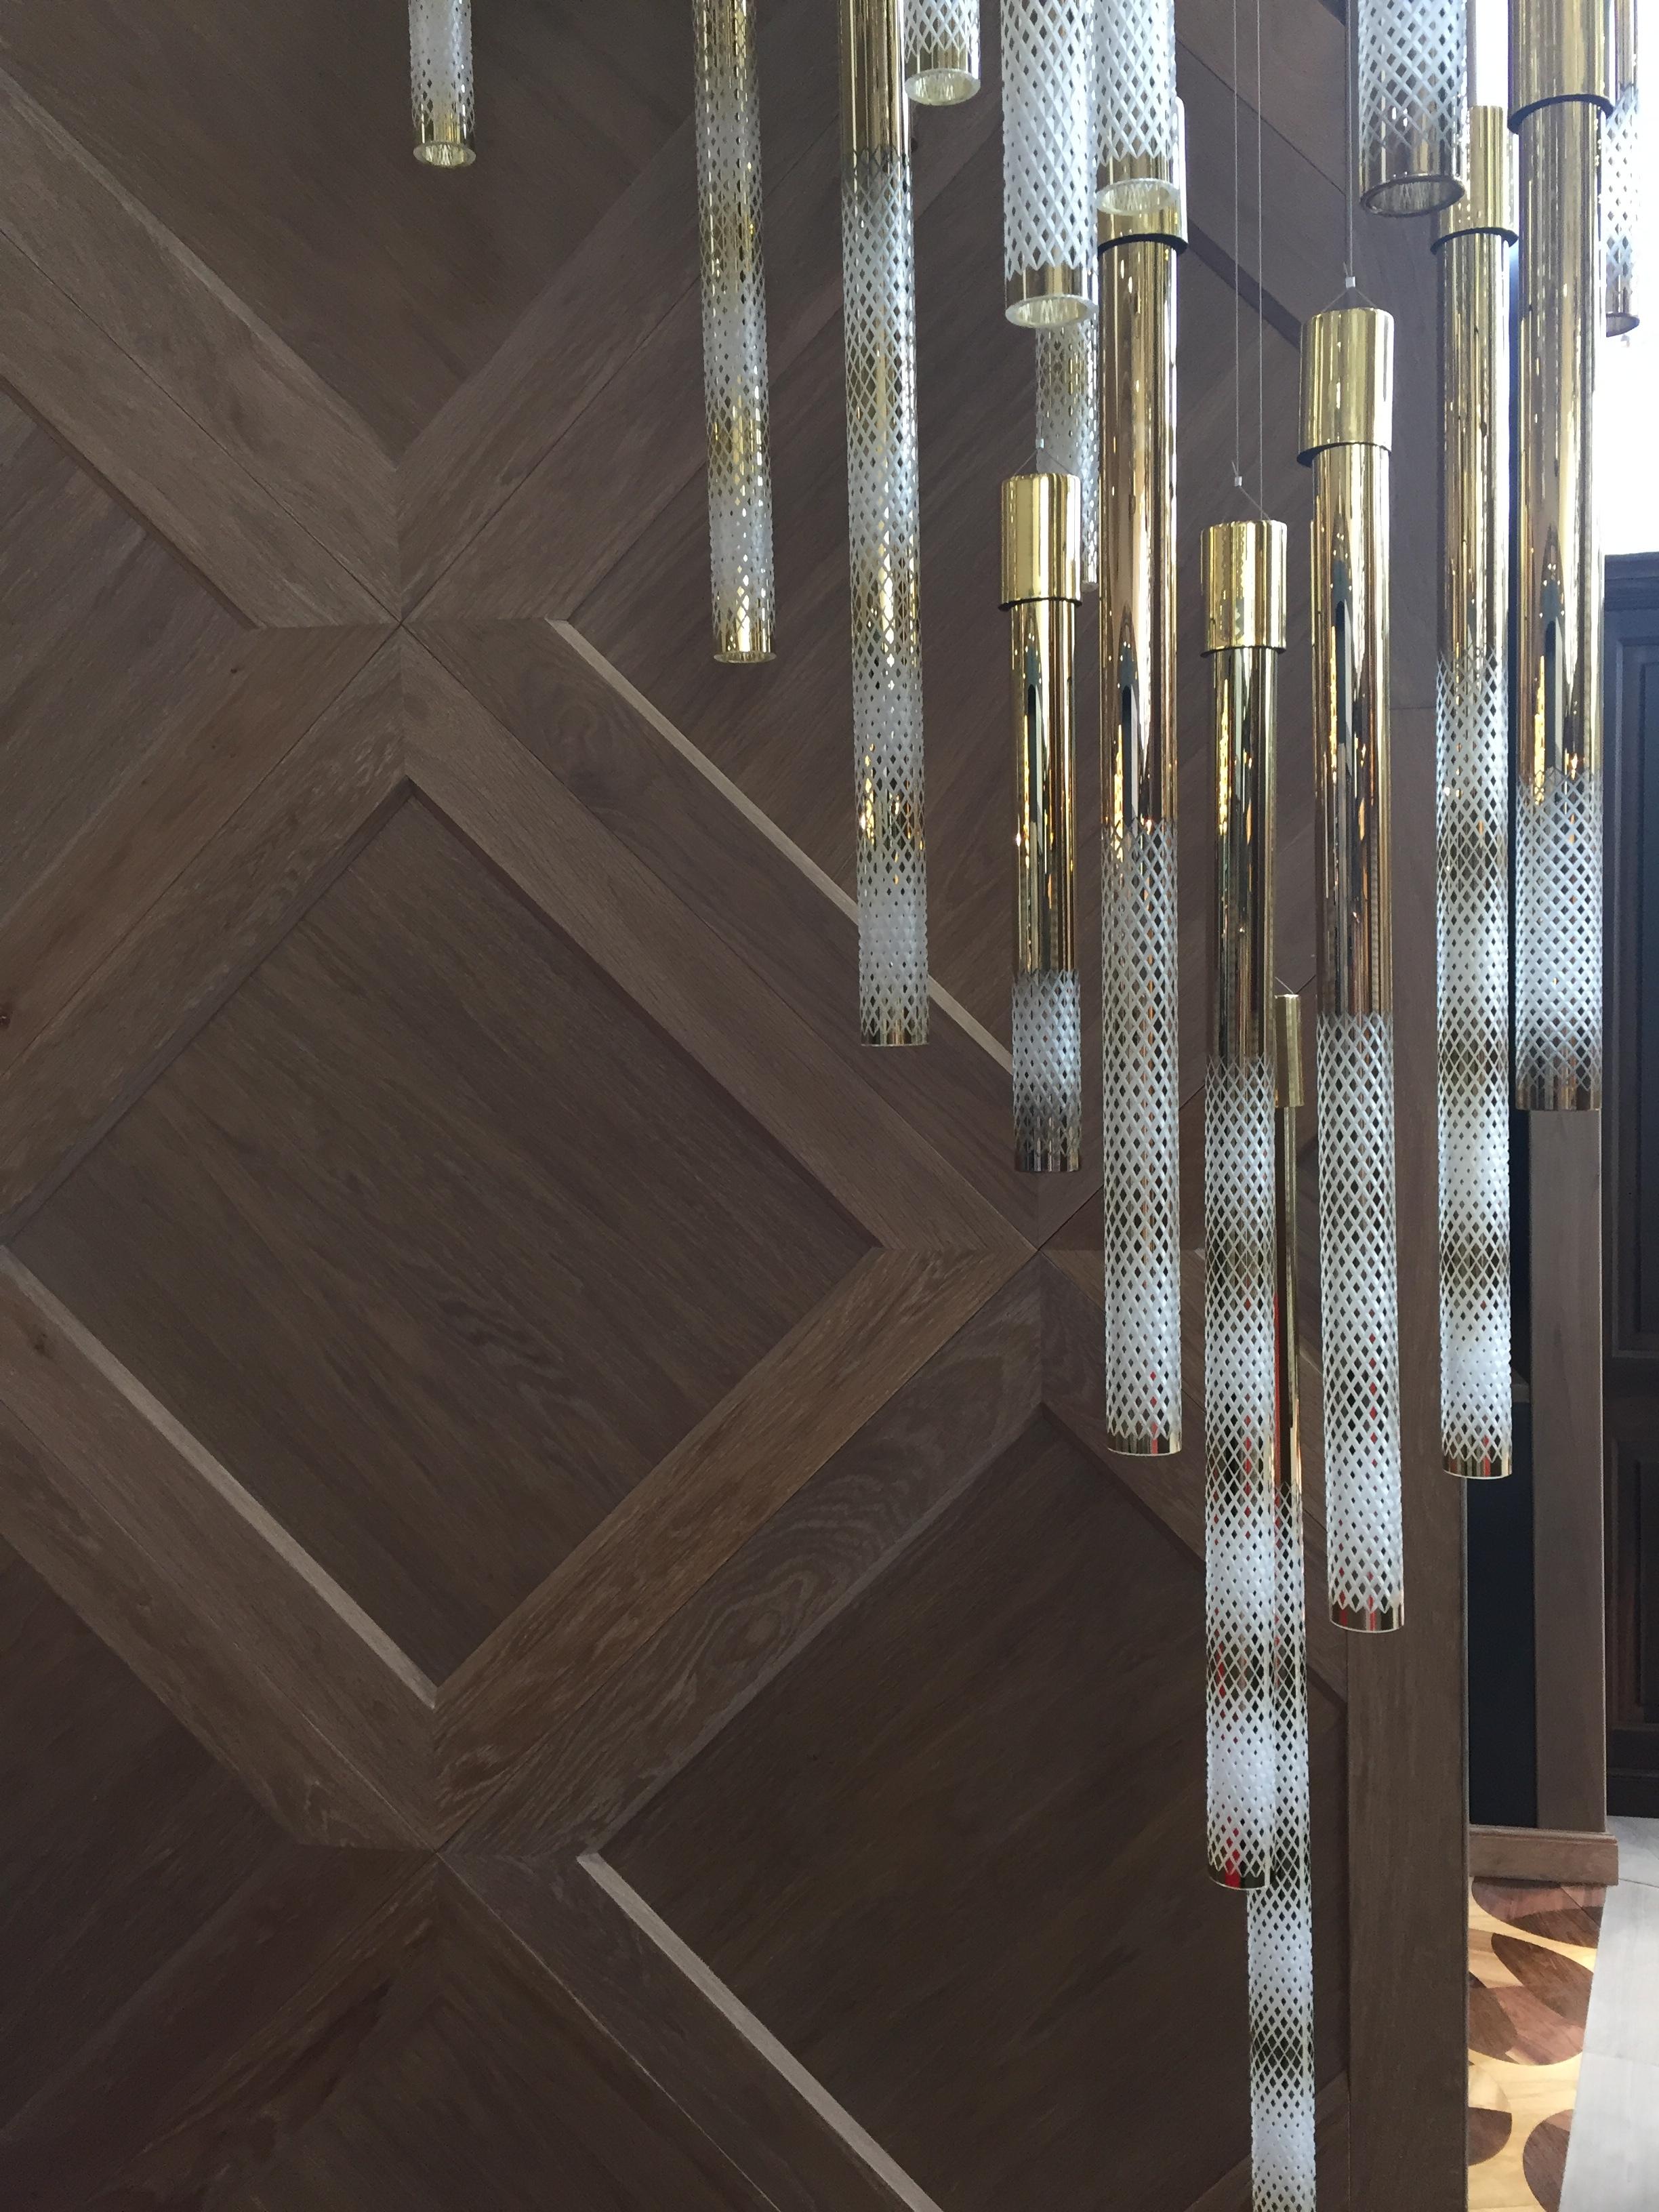 Maison&Objet 2016 September edition - Custom lighting | Masha Shapiro Agency.jpg